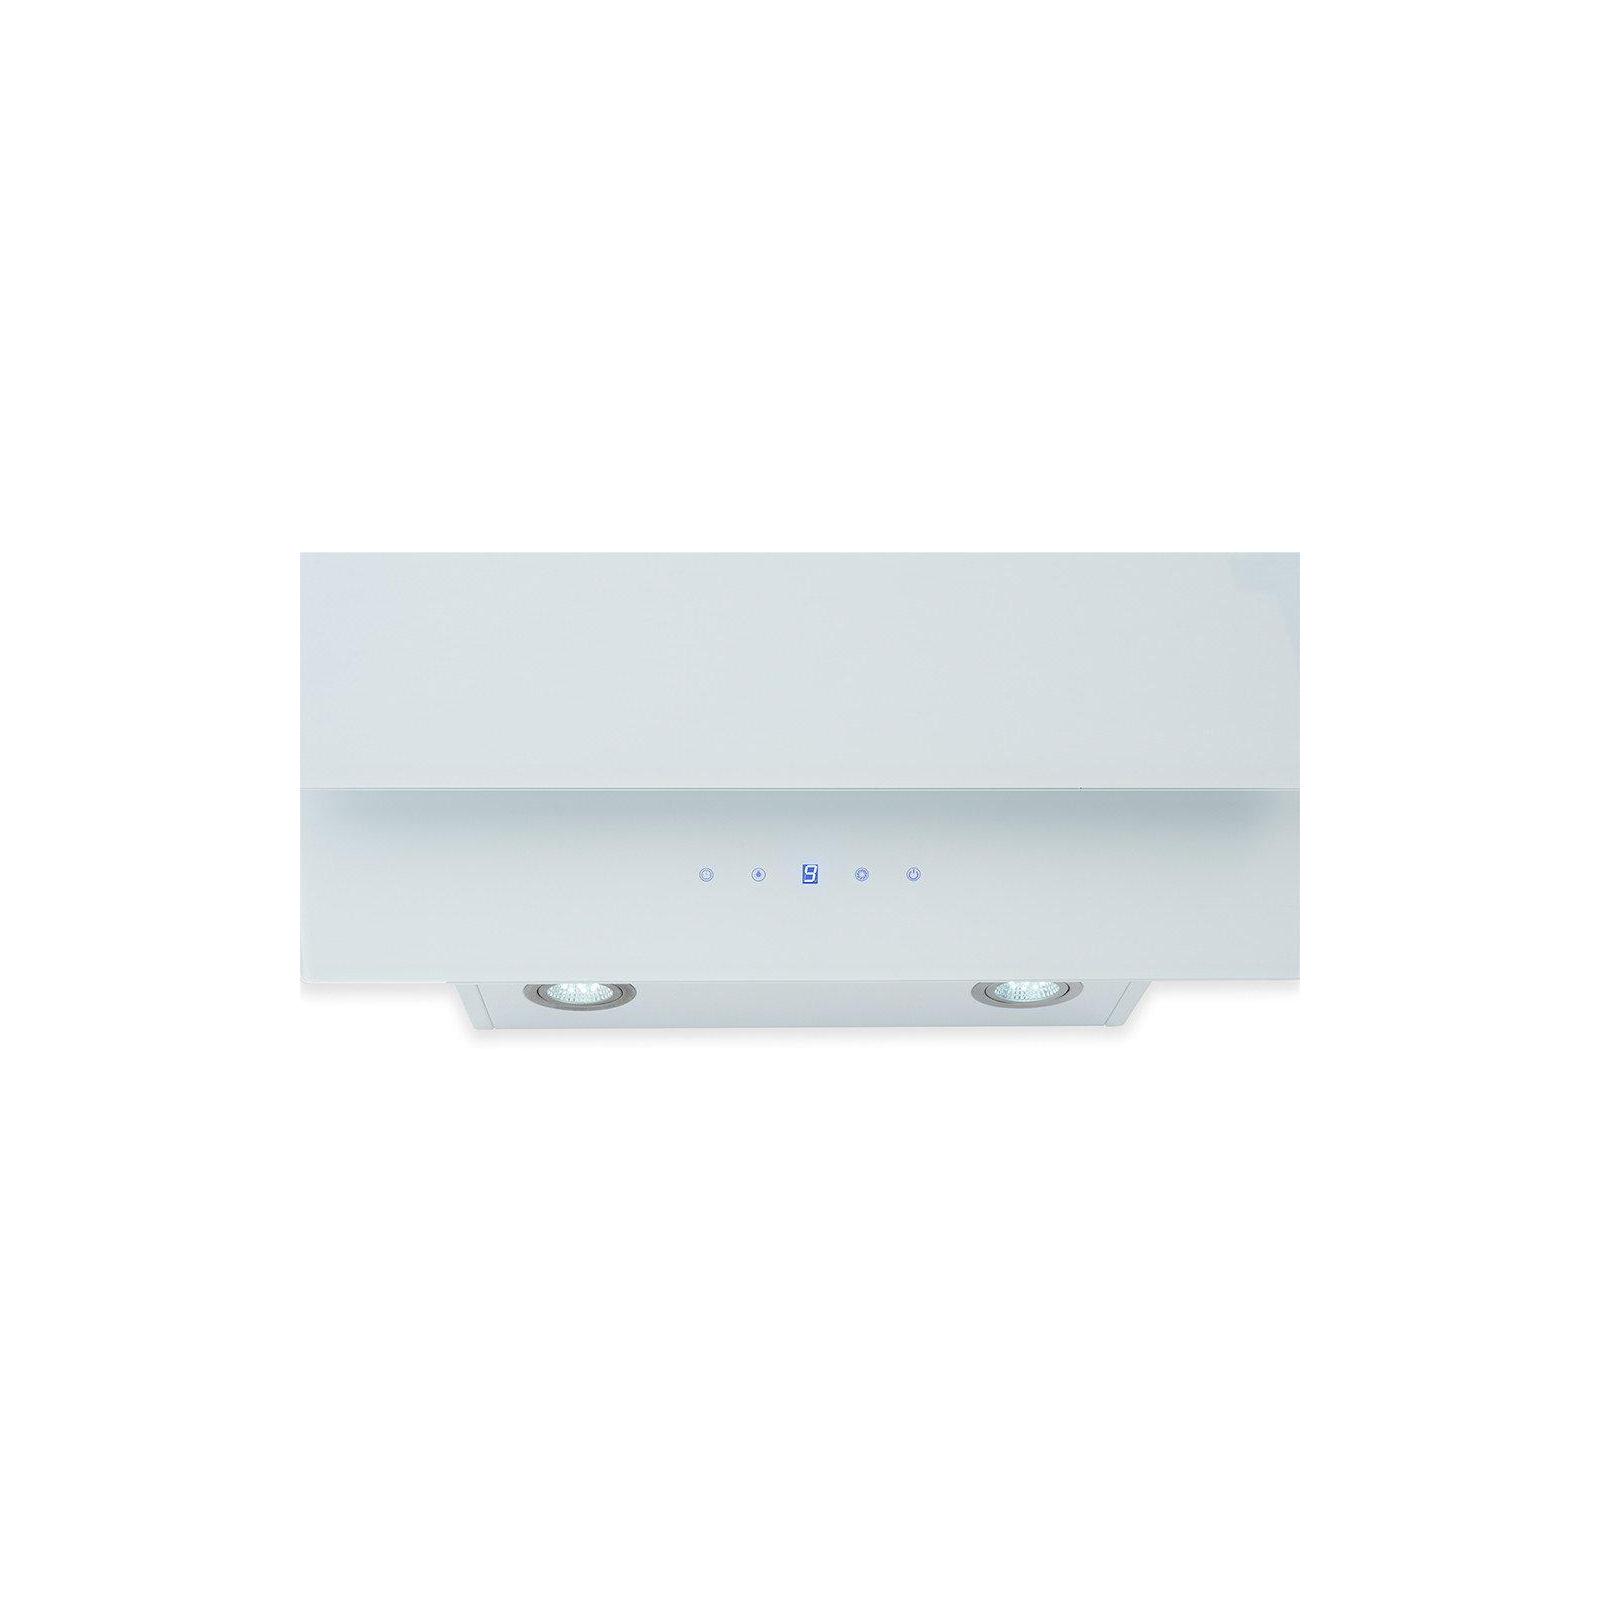 Вытяжка кухонная MINOLA HVS 6682 WH 1000 LED изображение 4